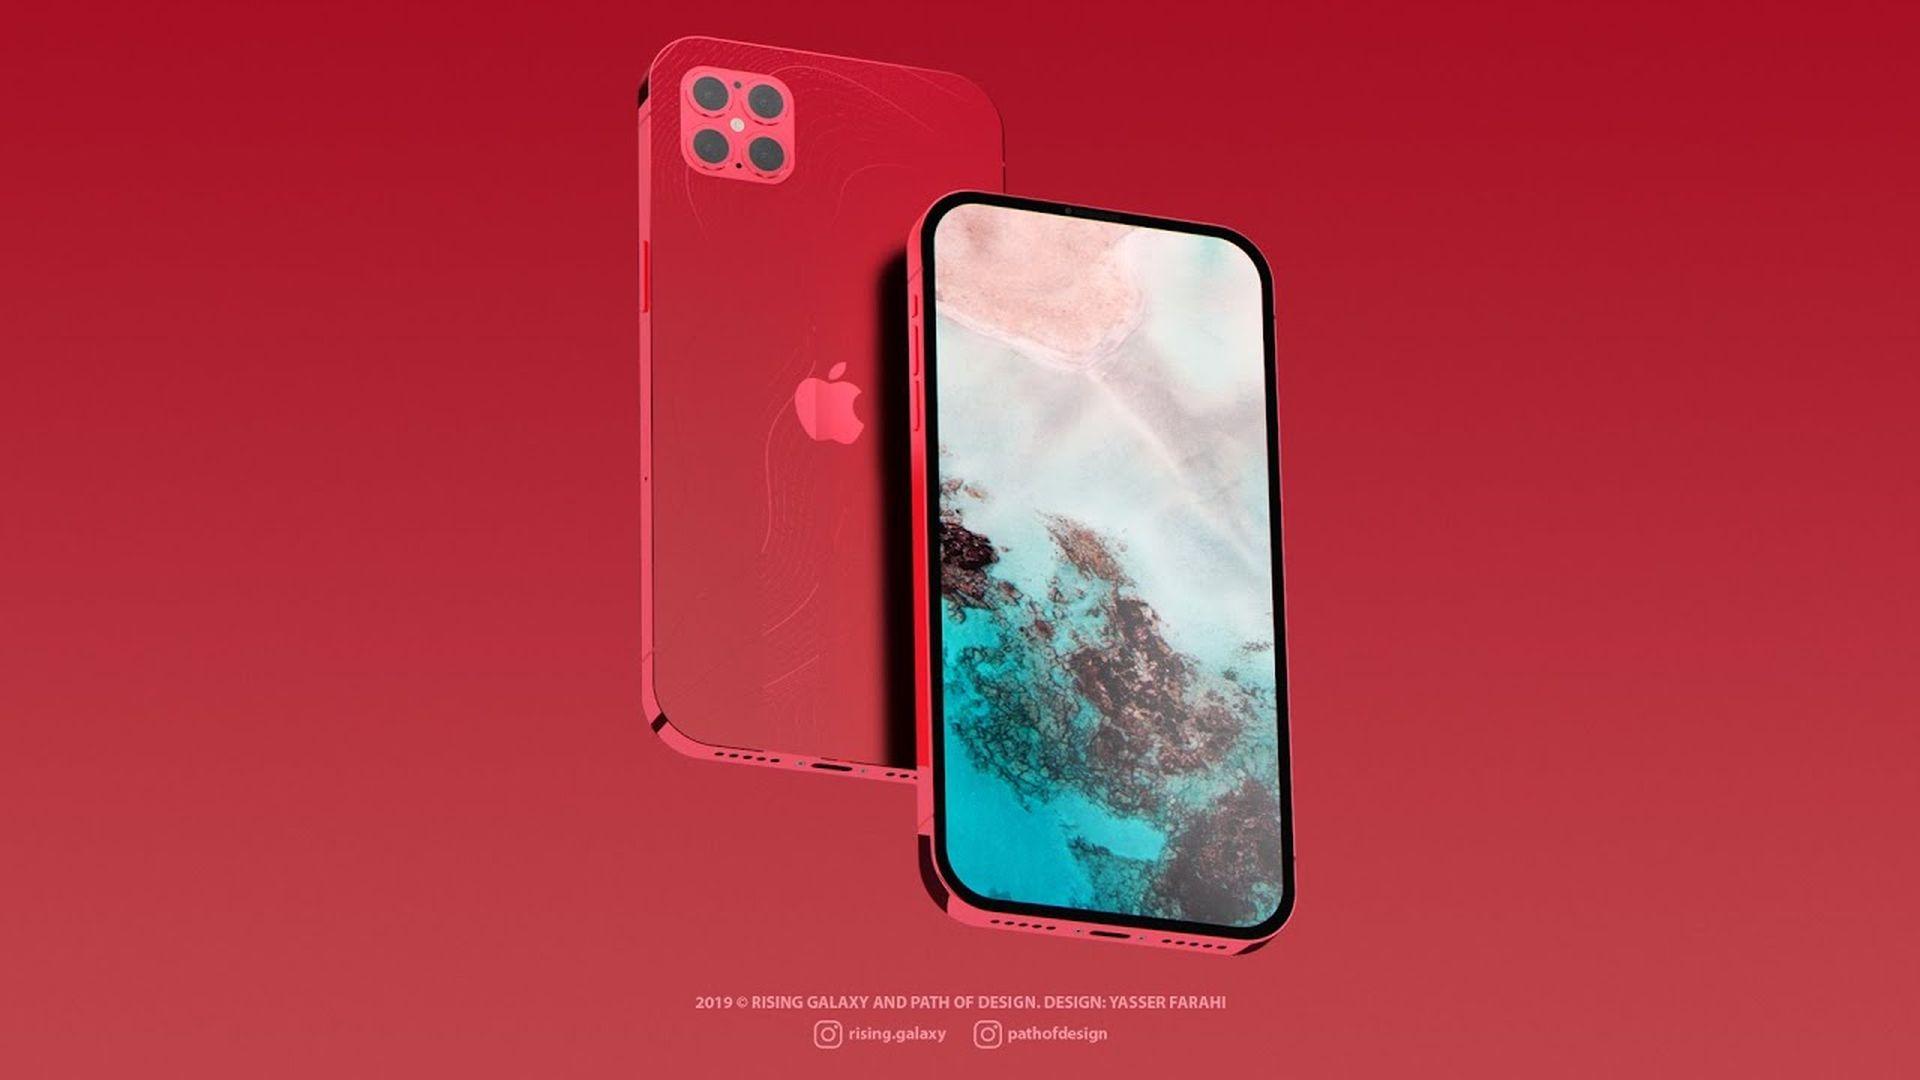 Kolejna koncepcyjna wizja wyglądu iPhone'a 12 Pro na filmie